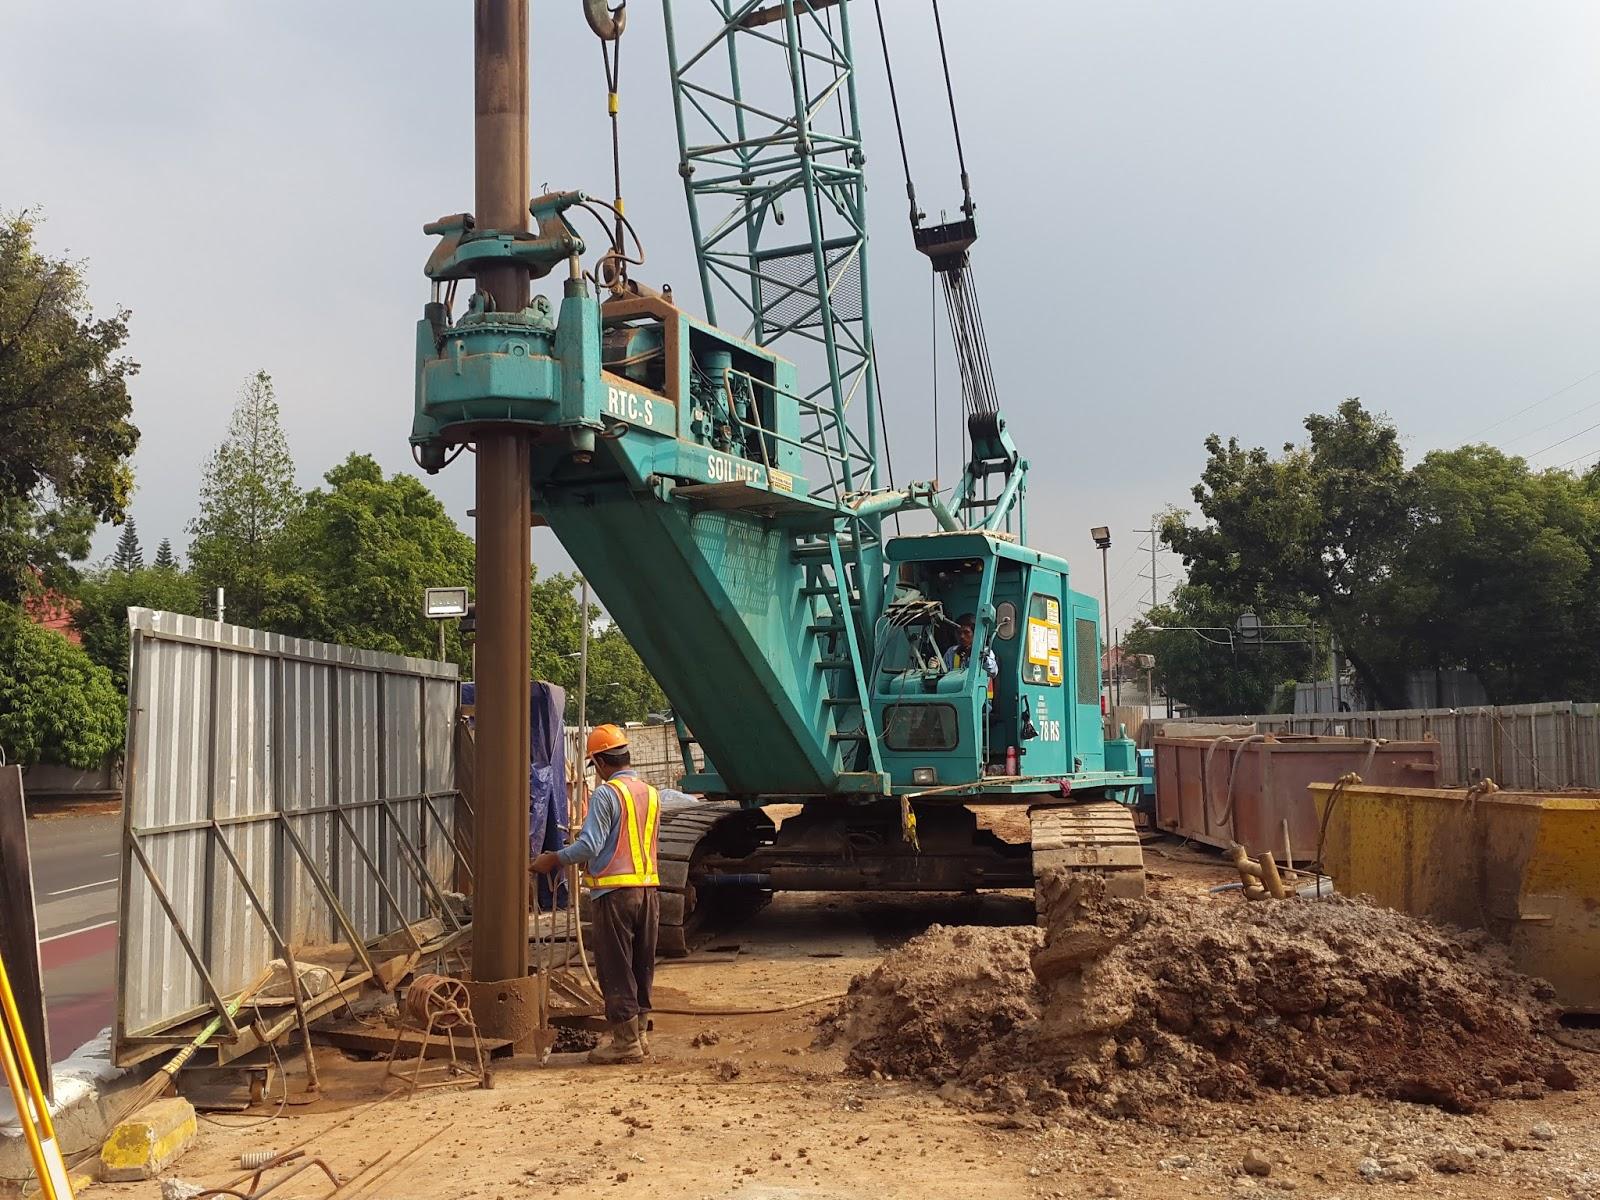 Jual Alat Berat Dan Rental Crawler Crane Vibro Hammer